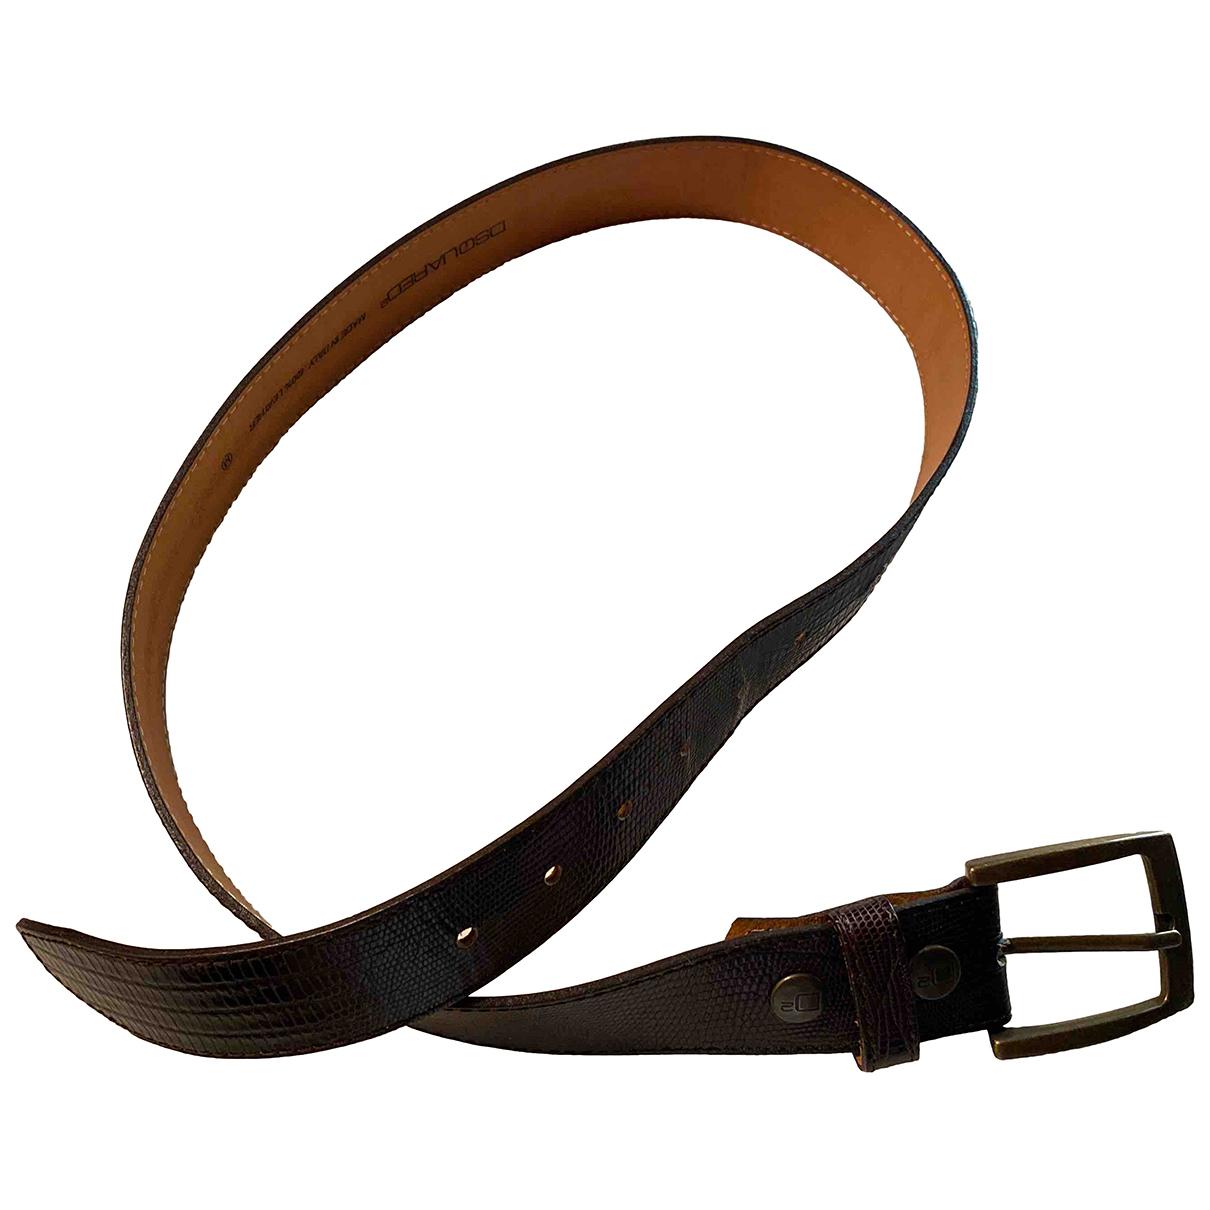 Dsquared2 \N Brown Leather belt for Men M international